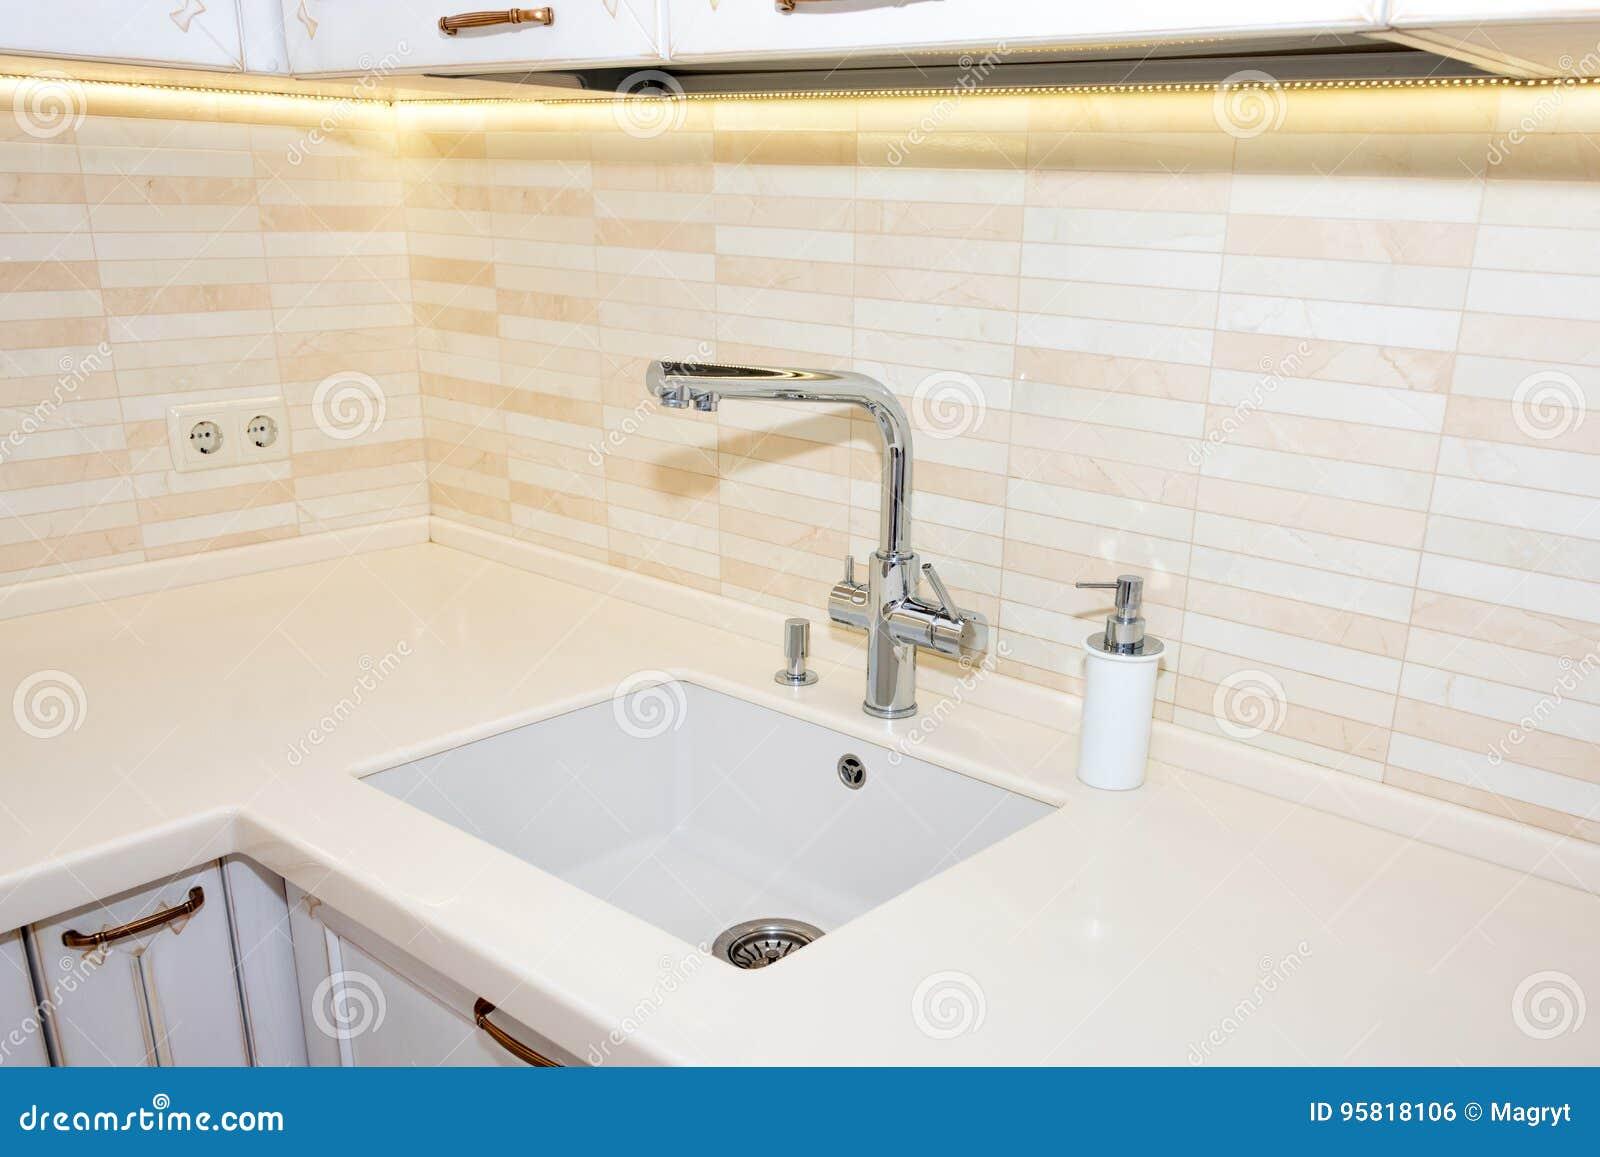 Kitchen Sink And Faucet Modern Bright Clean Kitchen Interior